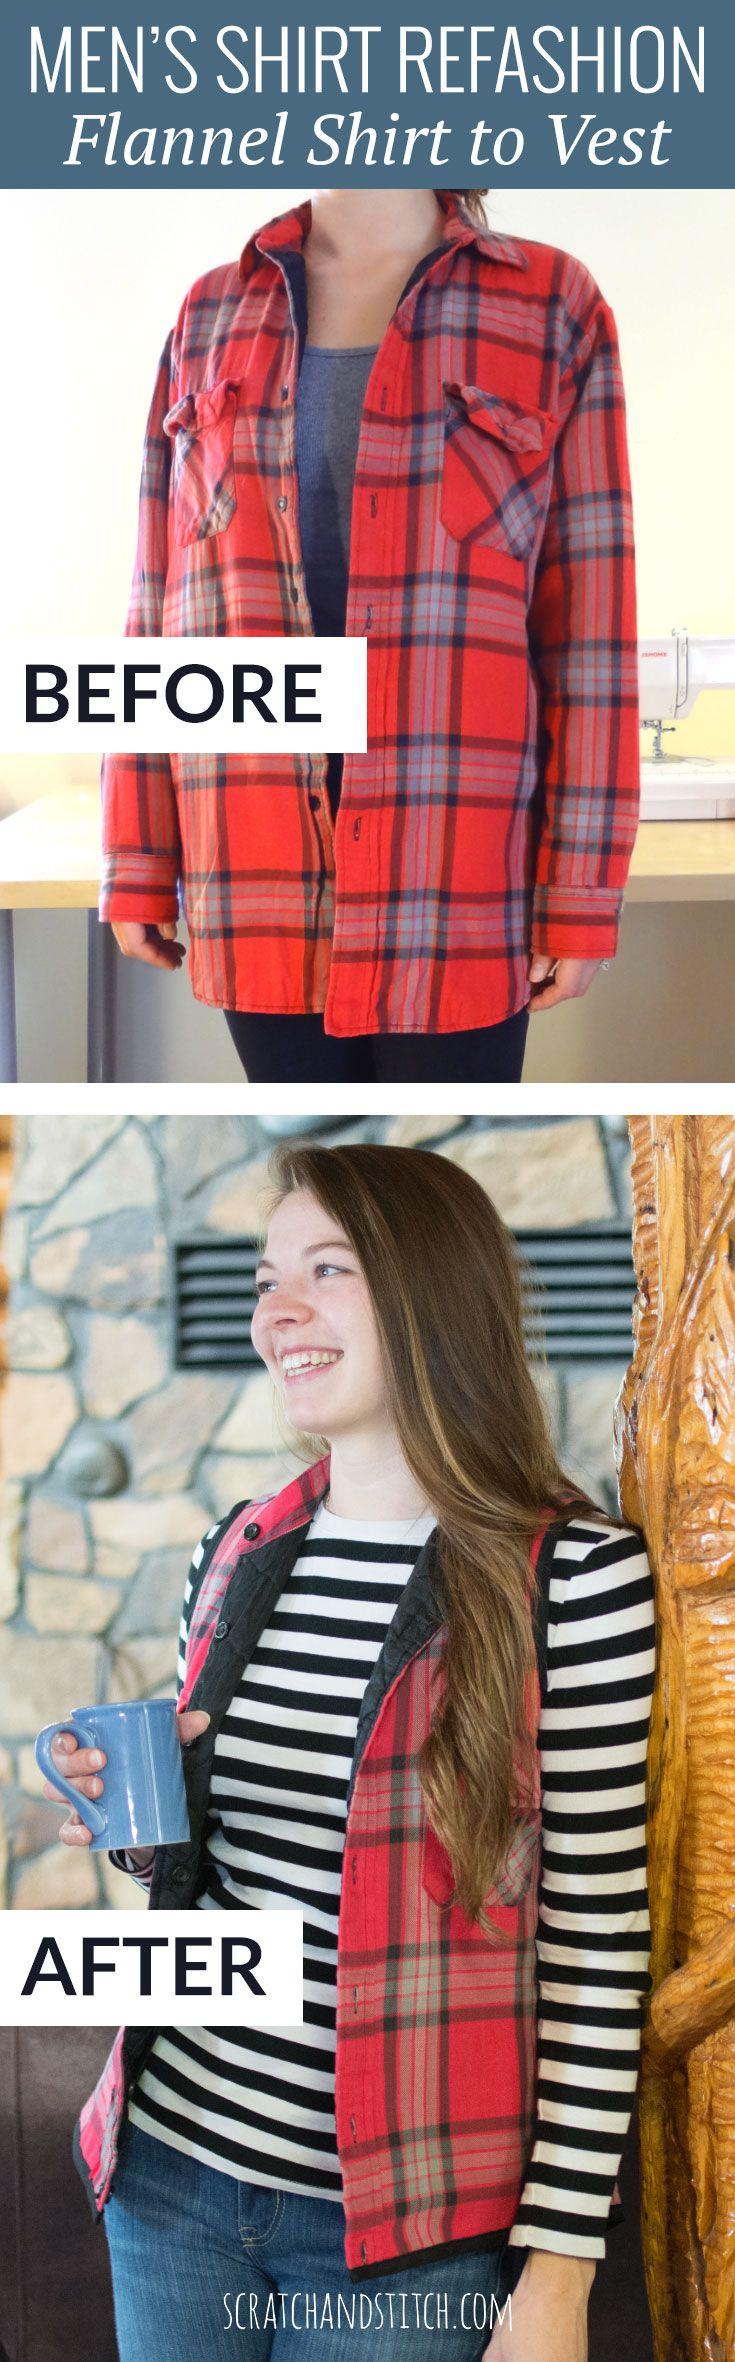 Flannel shirt cake  Rachel Kirchoefer kirchoefer on Pinterest